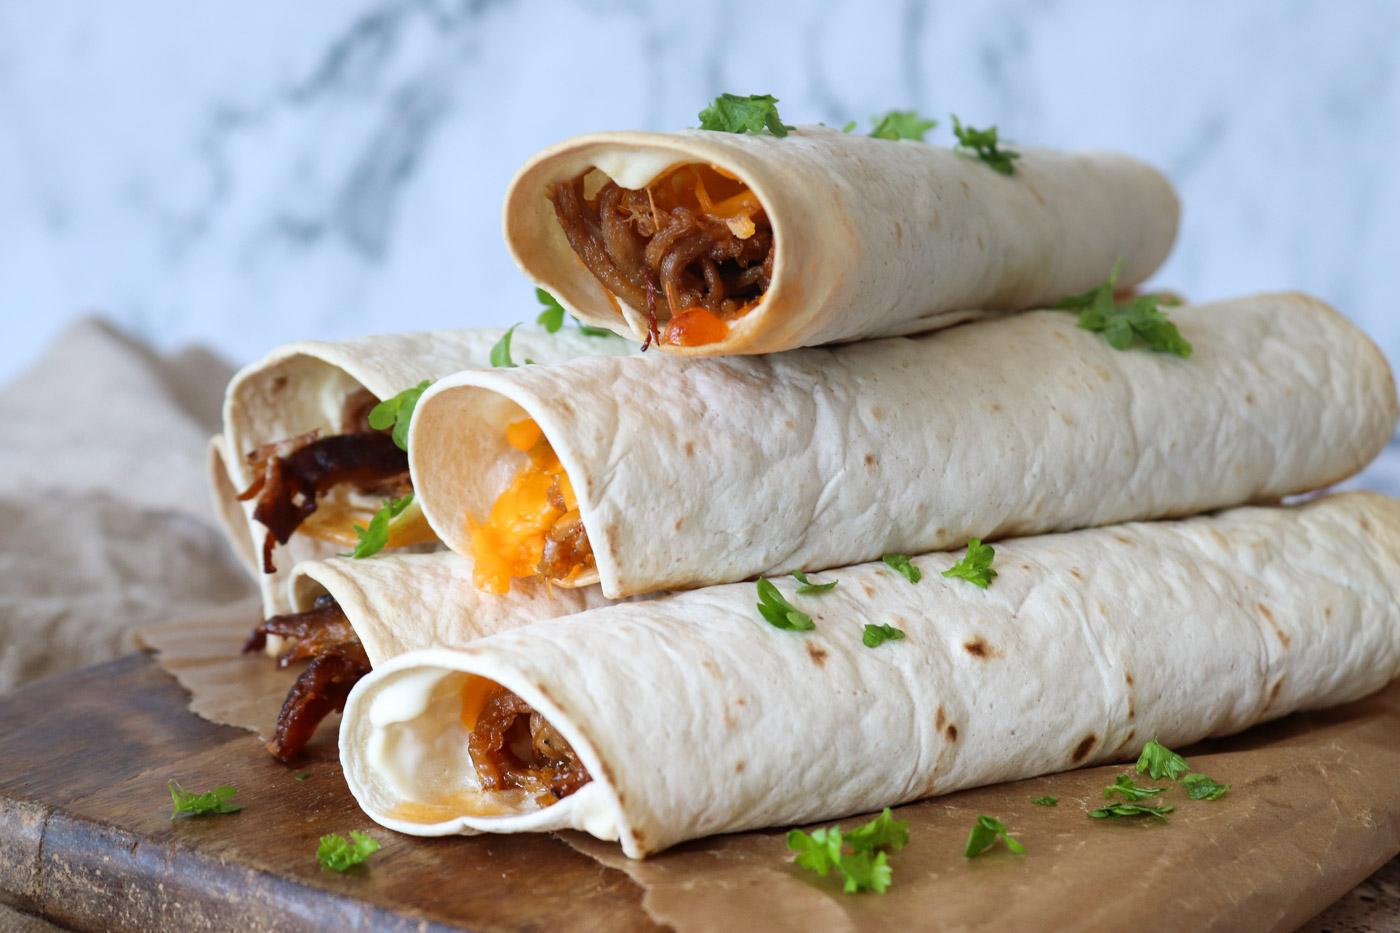 Ovnbagte Taquitos Med Pulled Pork Og Cheddar